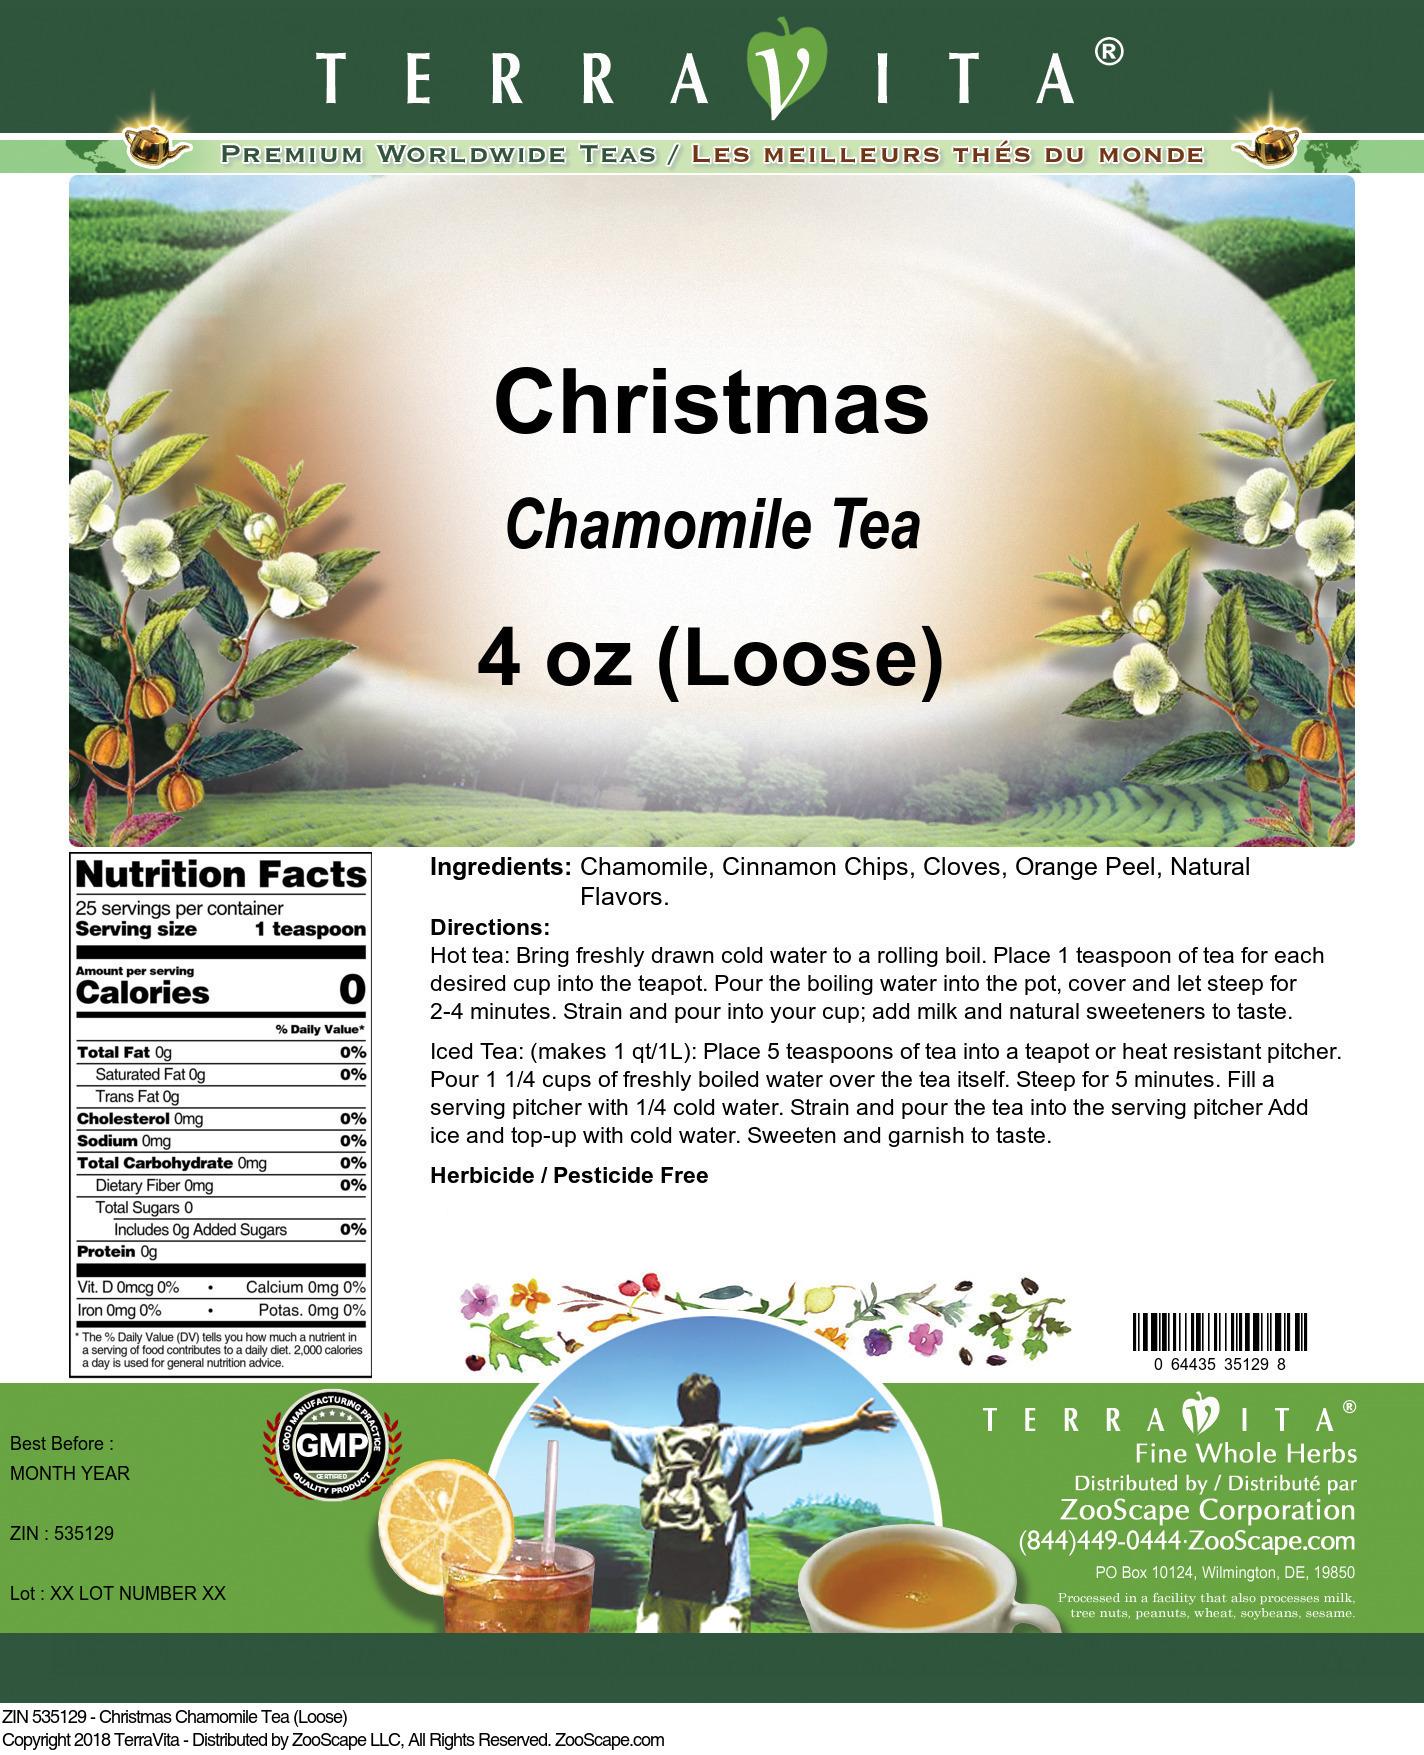 Christmas Chamomile Tea